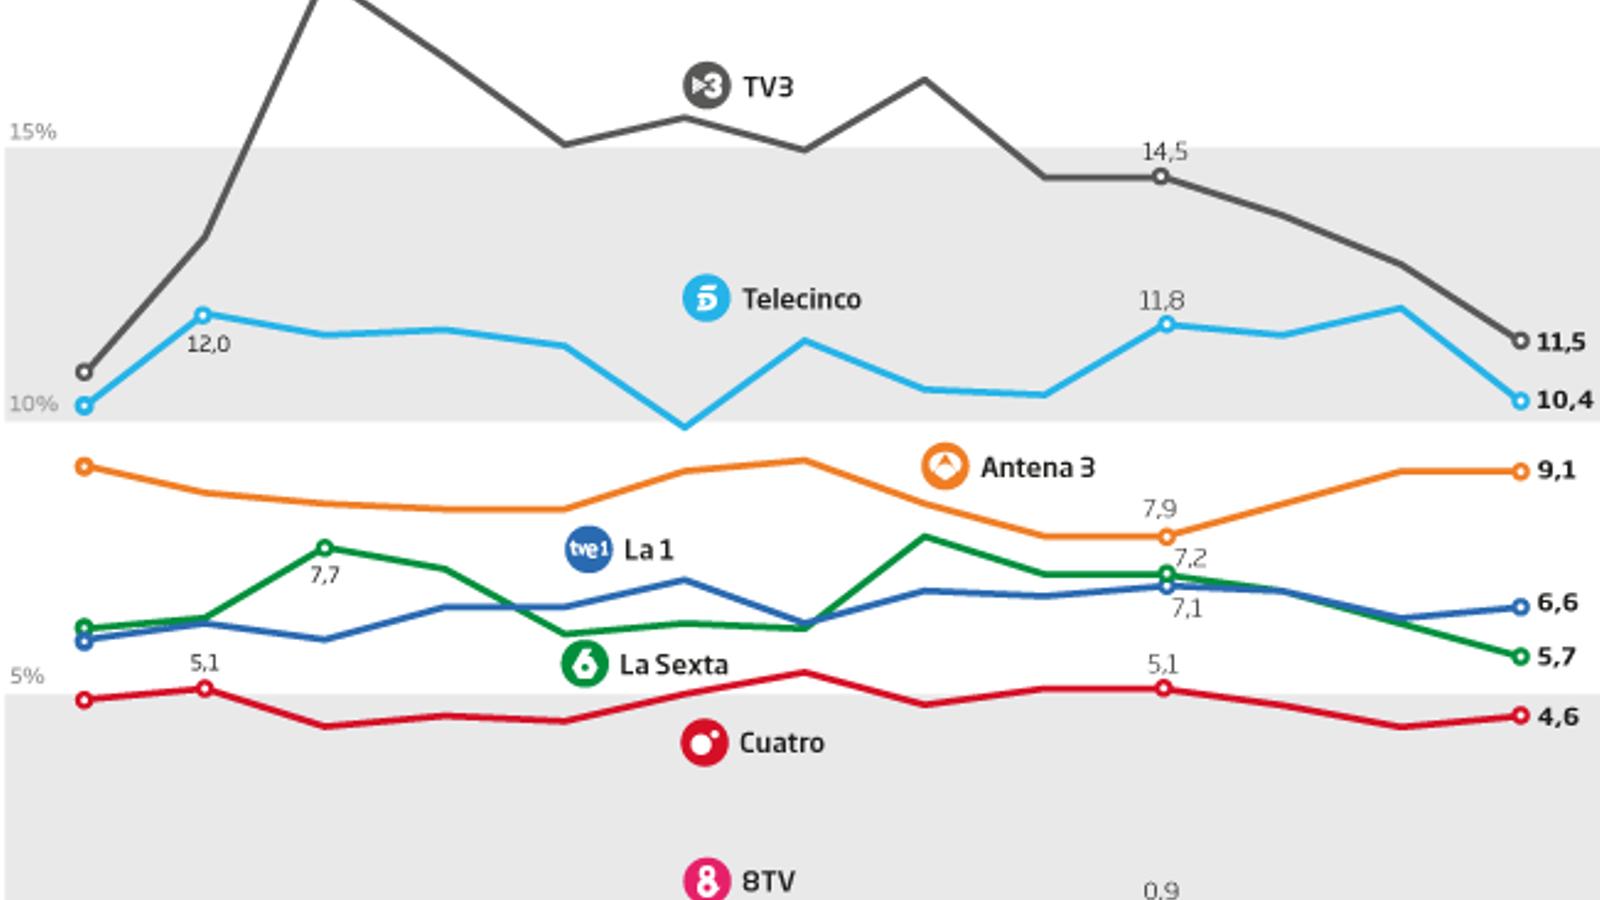 TV3 tanca el millor agost dels últims cinc anys i eixampla el lideratge